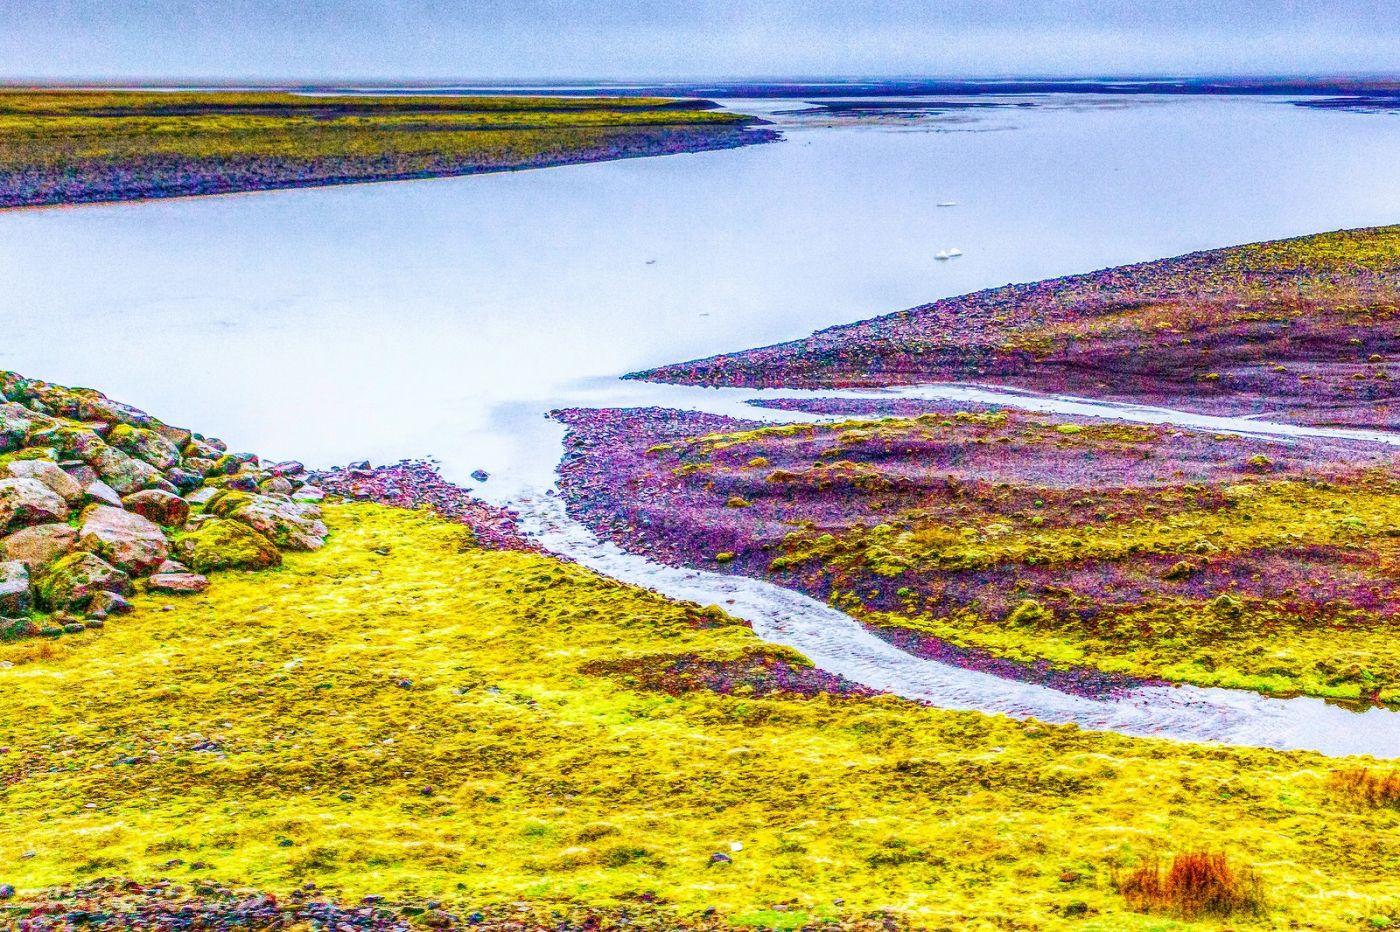 冰岛风采,延伸视野_图1-19